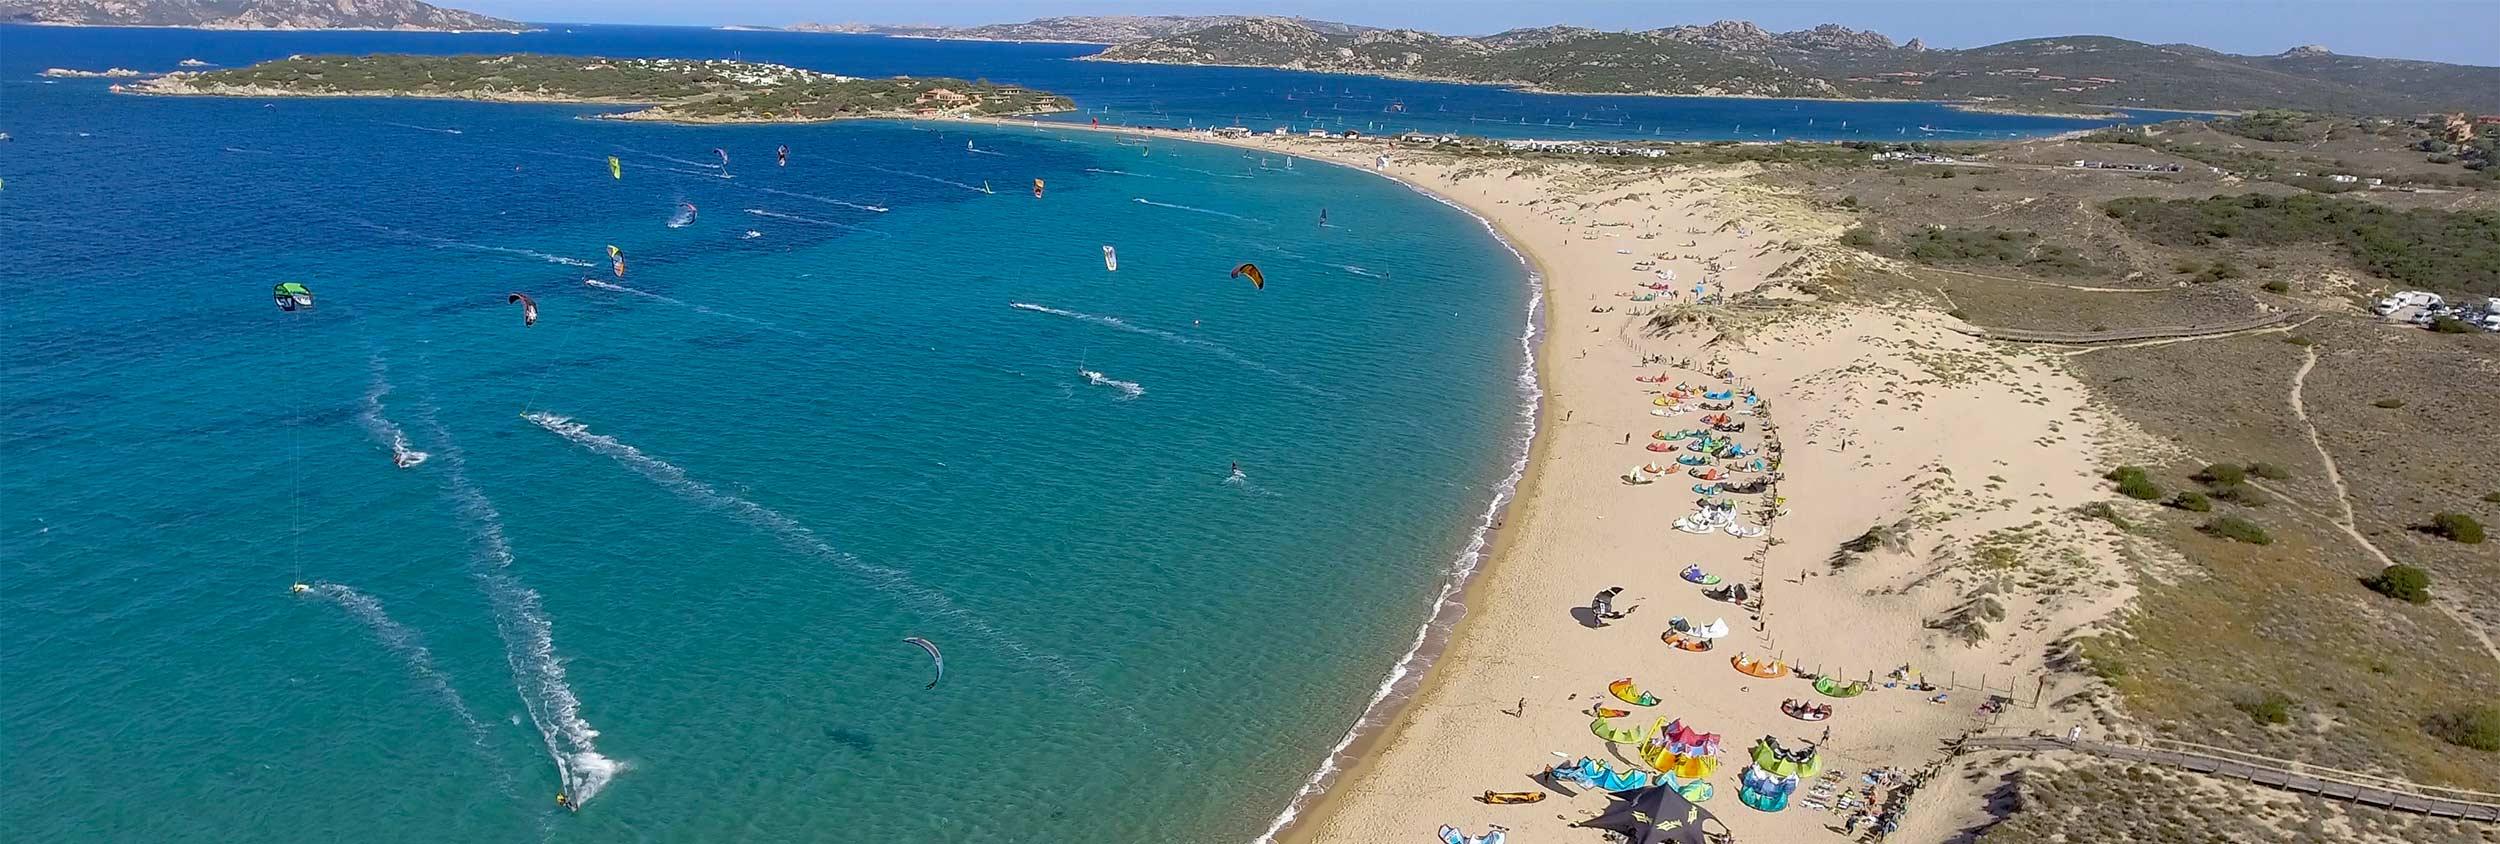 Bay at Porto Pollo Sardinia Italy